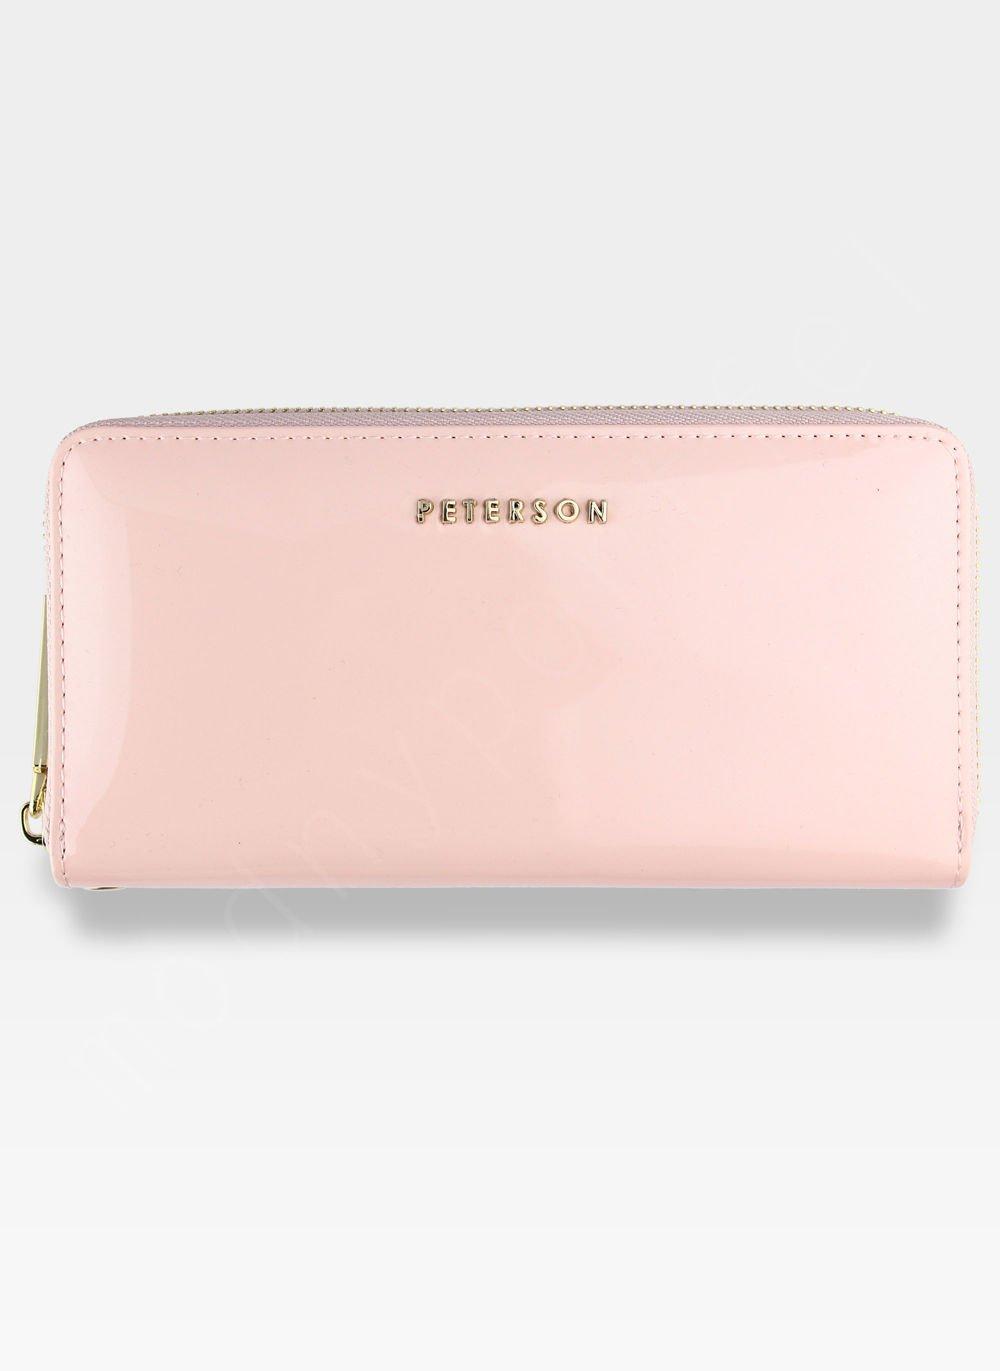 f2d14a09b887f0 Kliknij, aby powiększyć · Portfel Damski Skórzany PETERSON 781 Jasny Różowy  Lakierowany RFID Kliknij ...